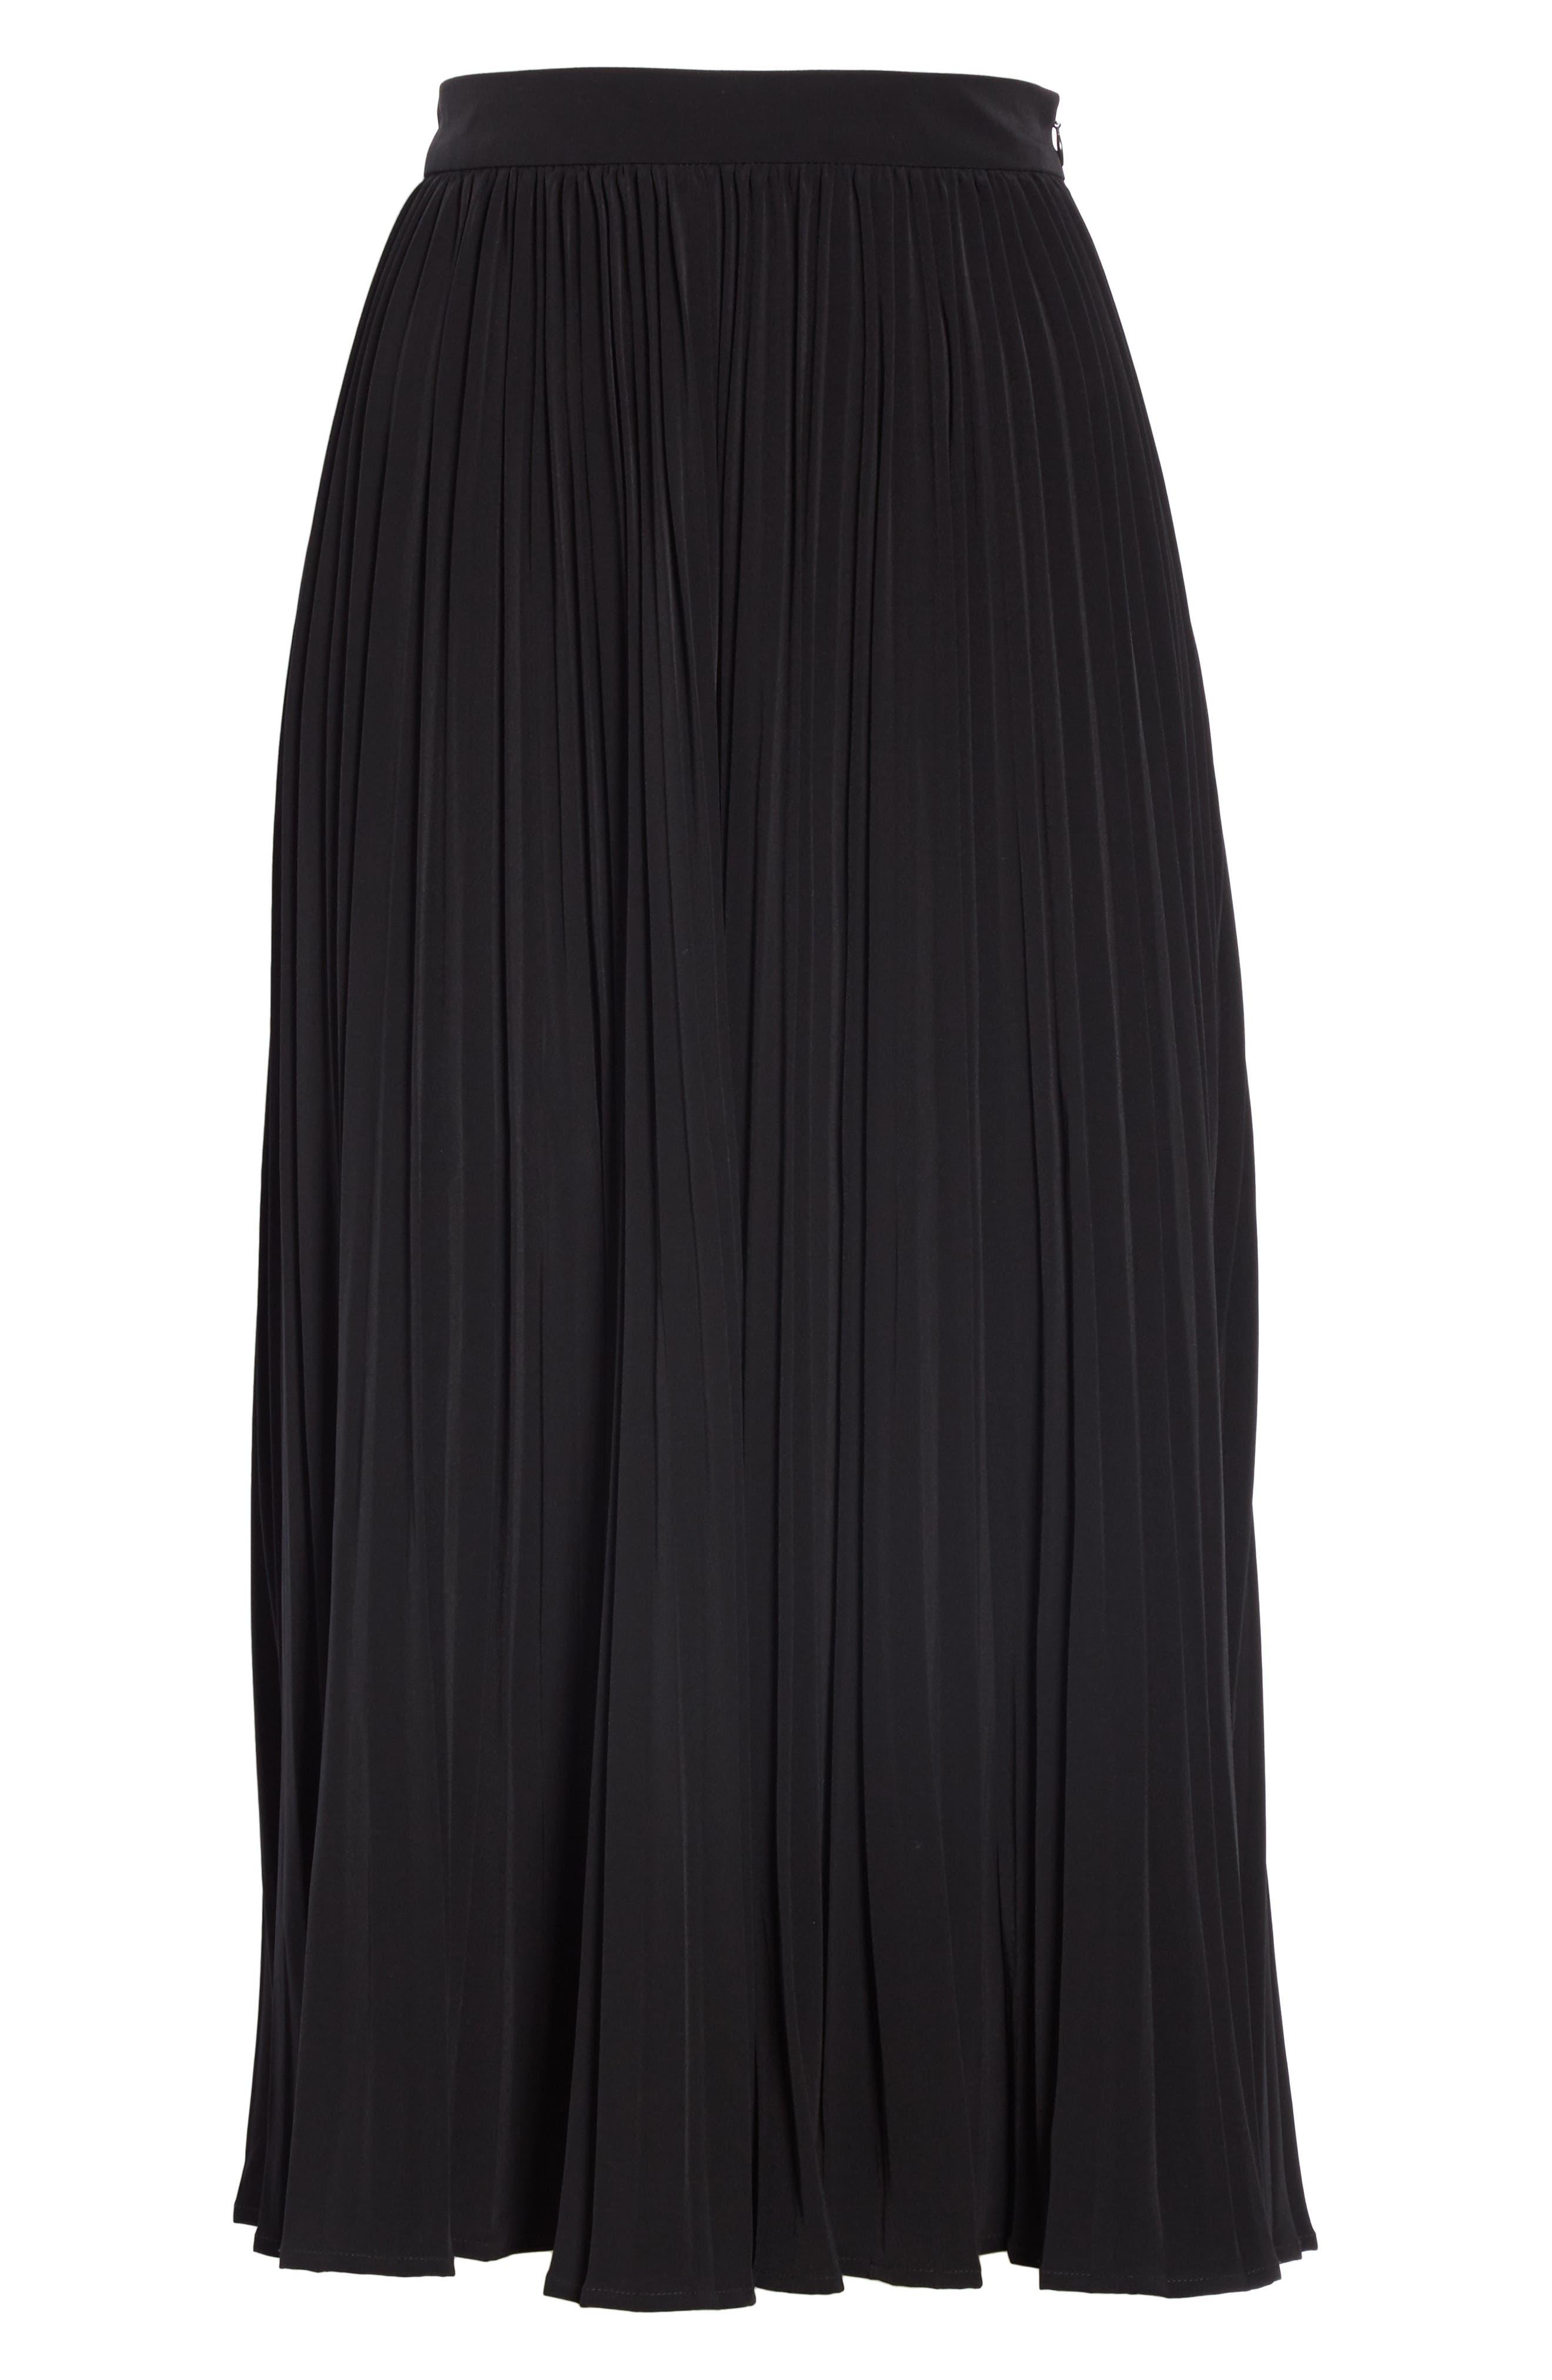 Essentials Pleated Midi Skirt,                             Alternate thumbnail 6, color,                             BLACK